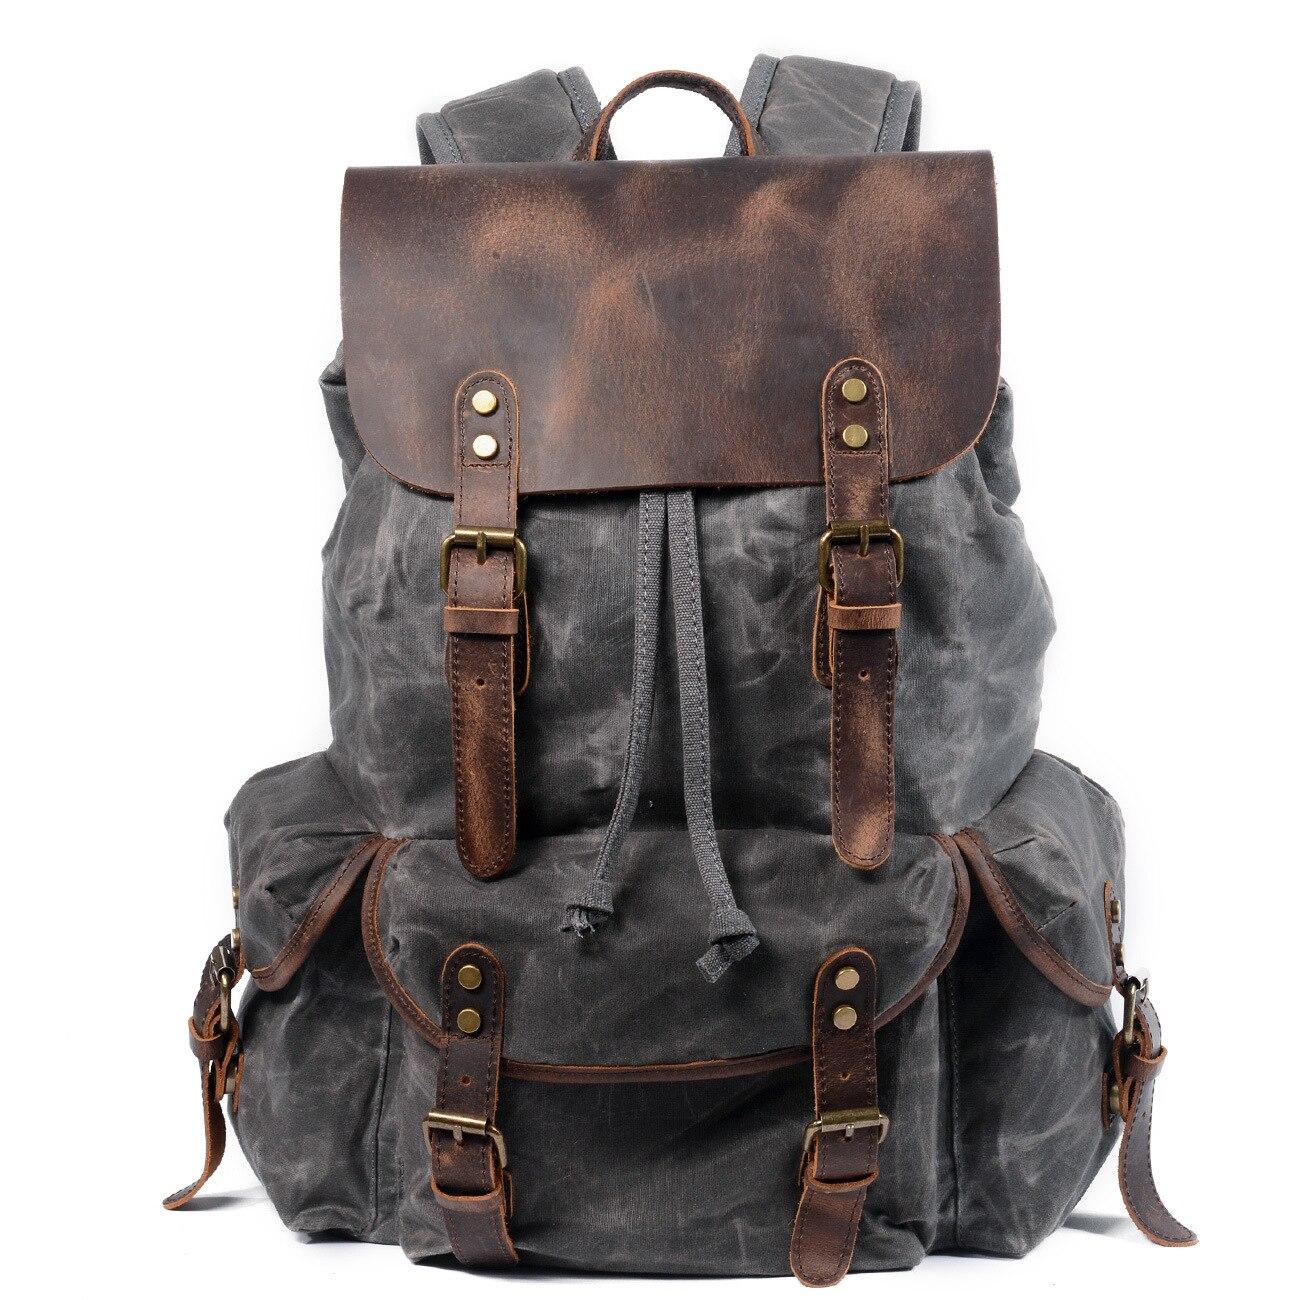 Toile imperméable à l'huile de cire et sac à dos en cuir véritable hommes voyage Vintage sac à dos à cordon grande capacité chaîne pochette d'ordinateur - 6